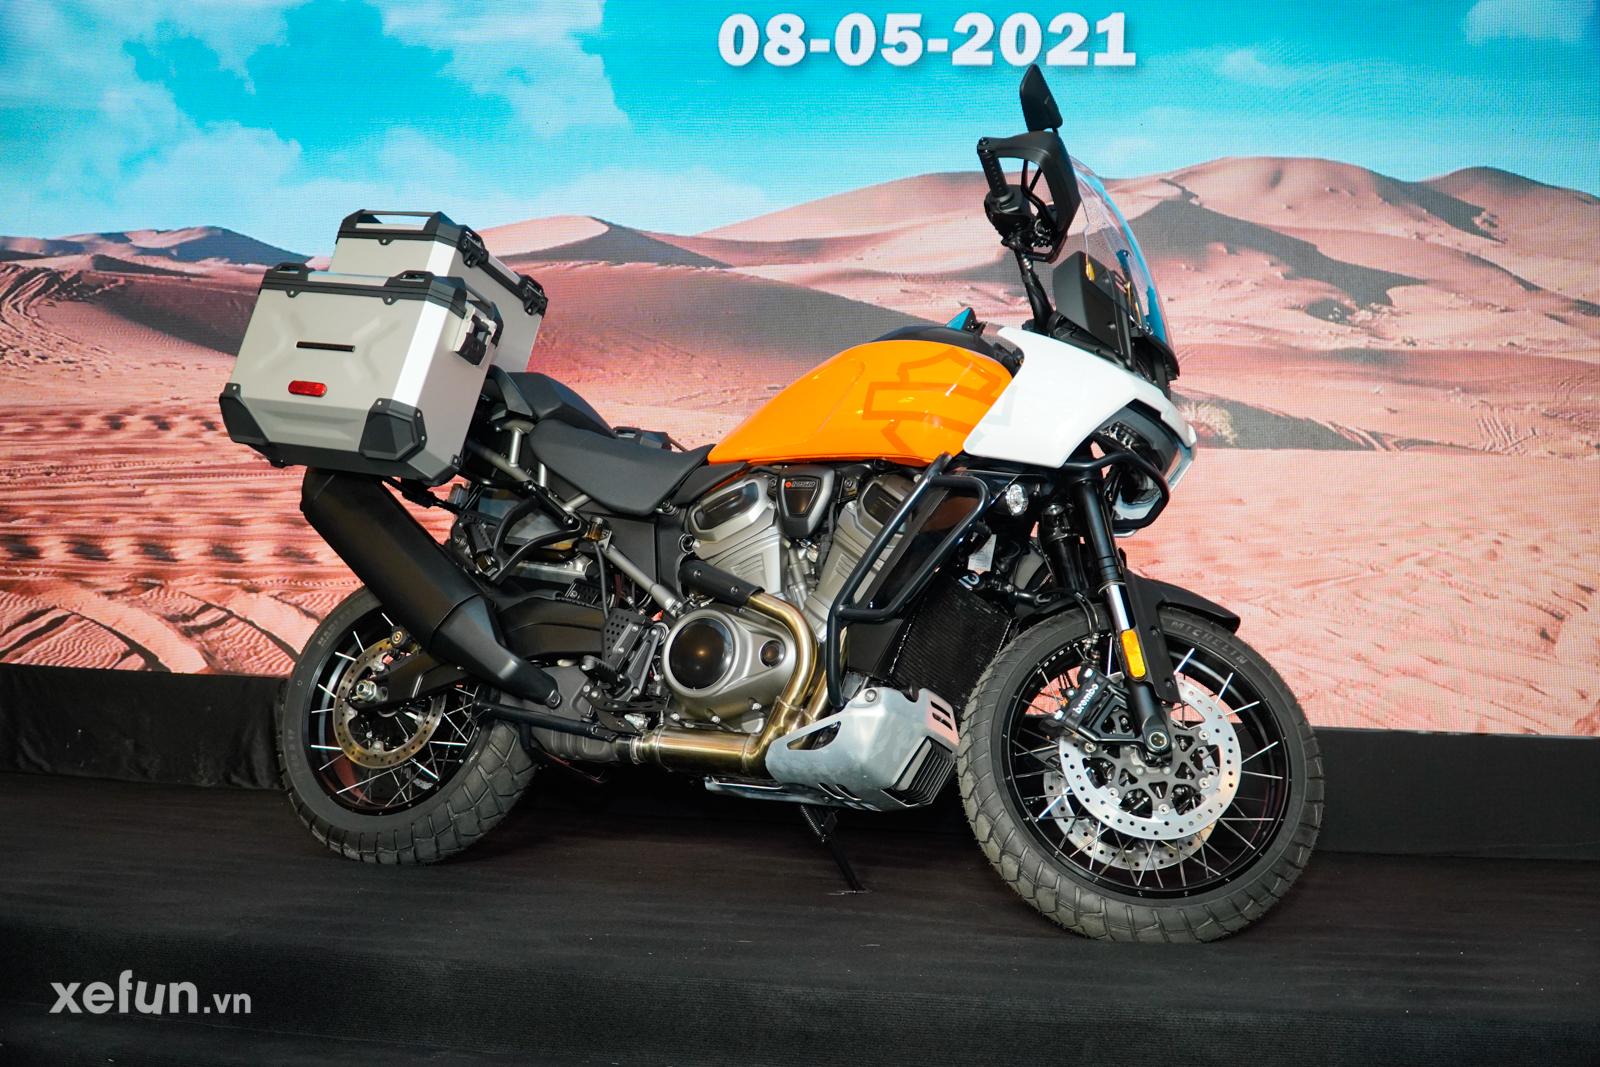 Ra mắt Harley Davidson Pan America 1250 Special đầu tiên tại Việt Nam